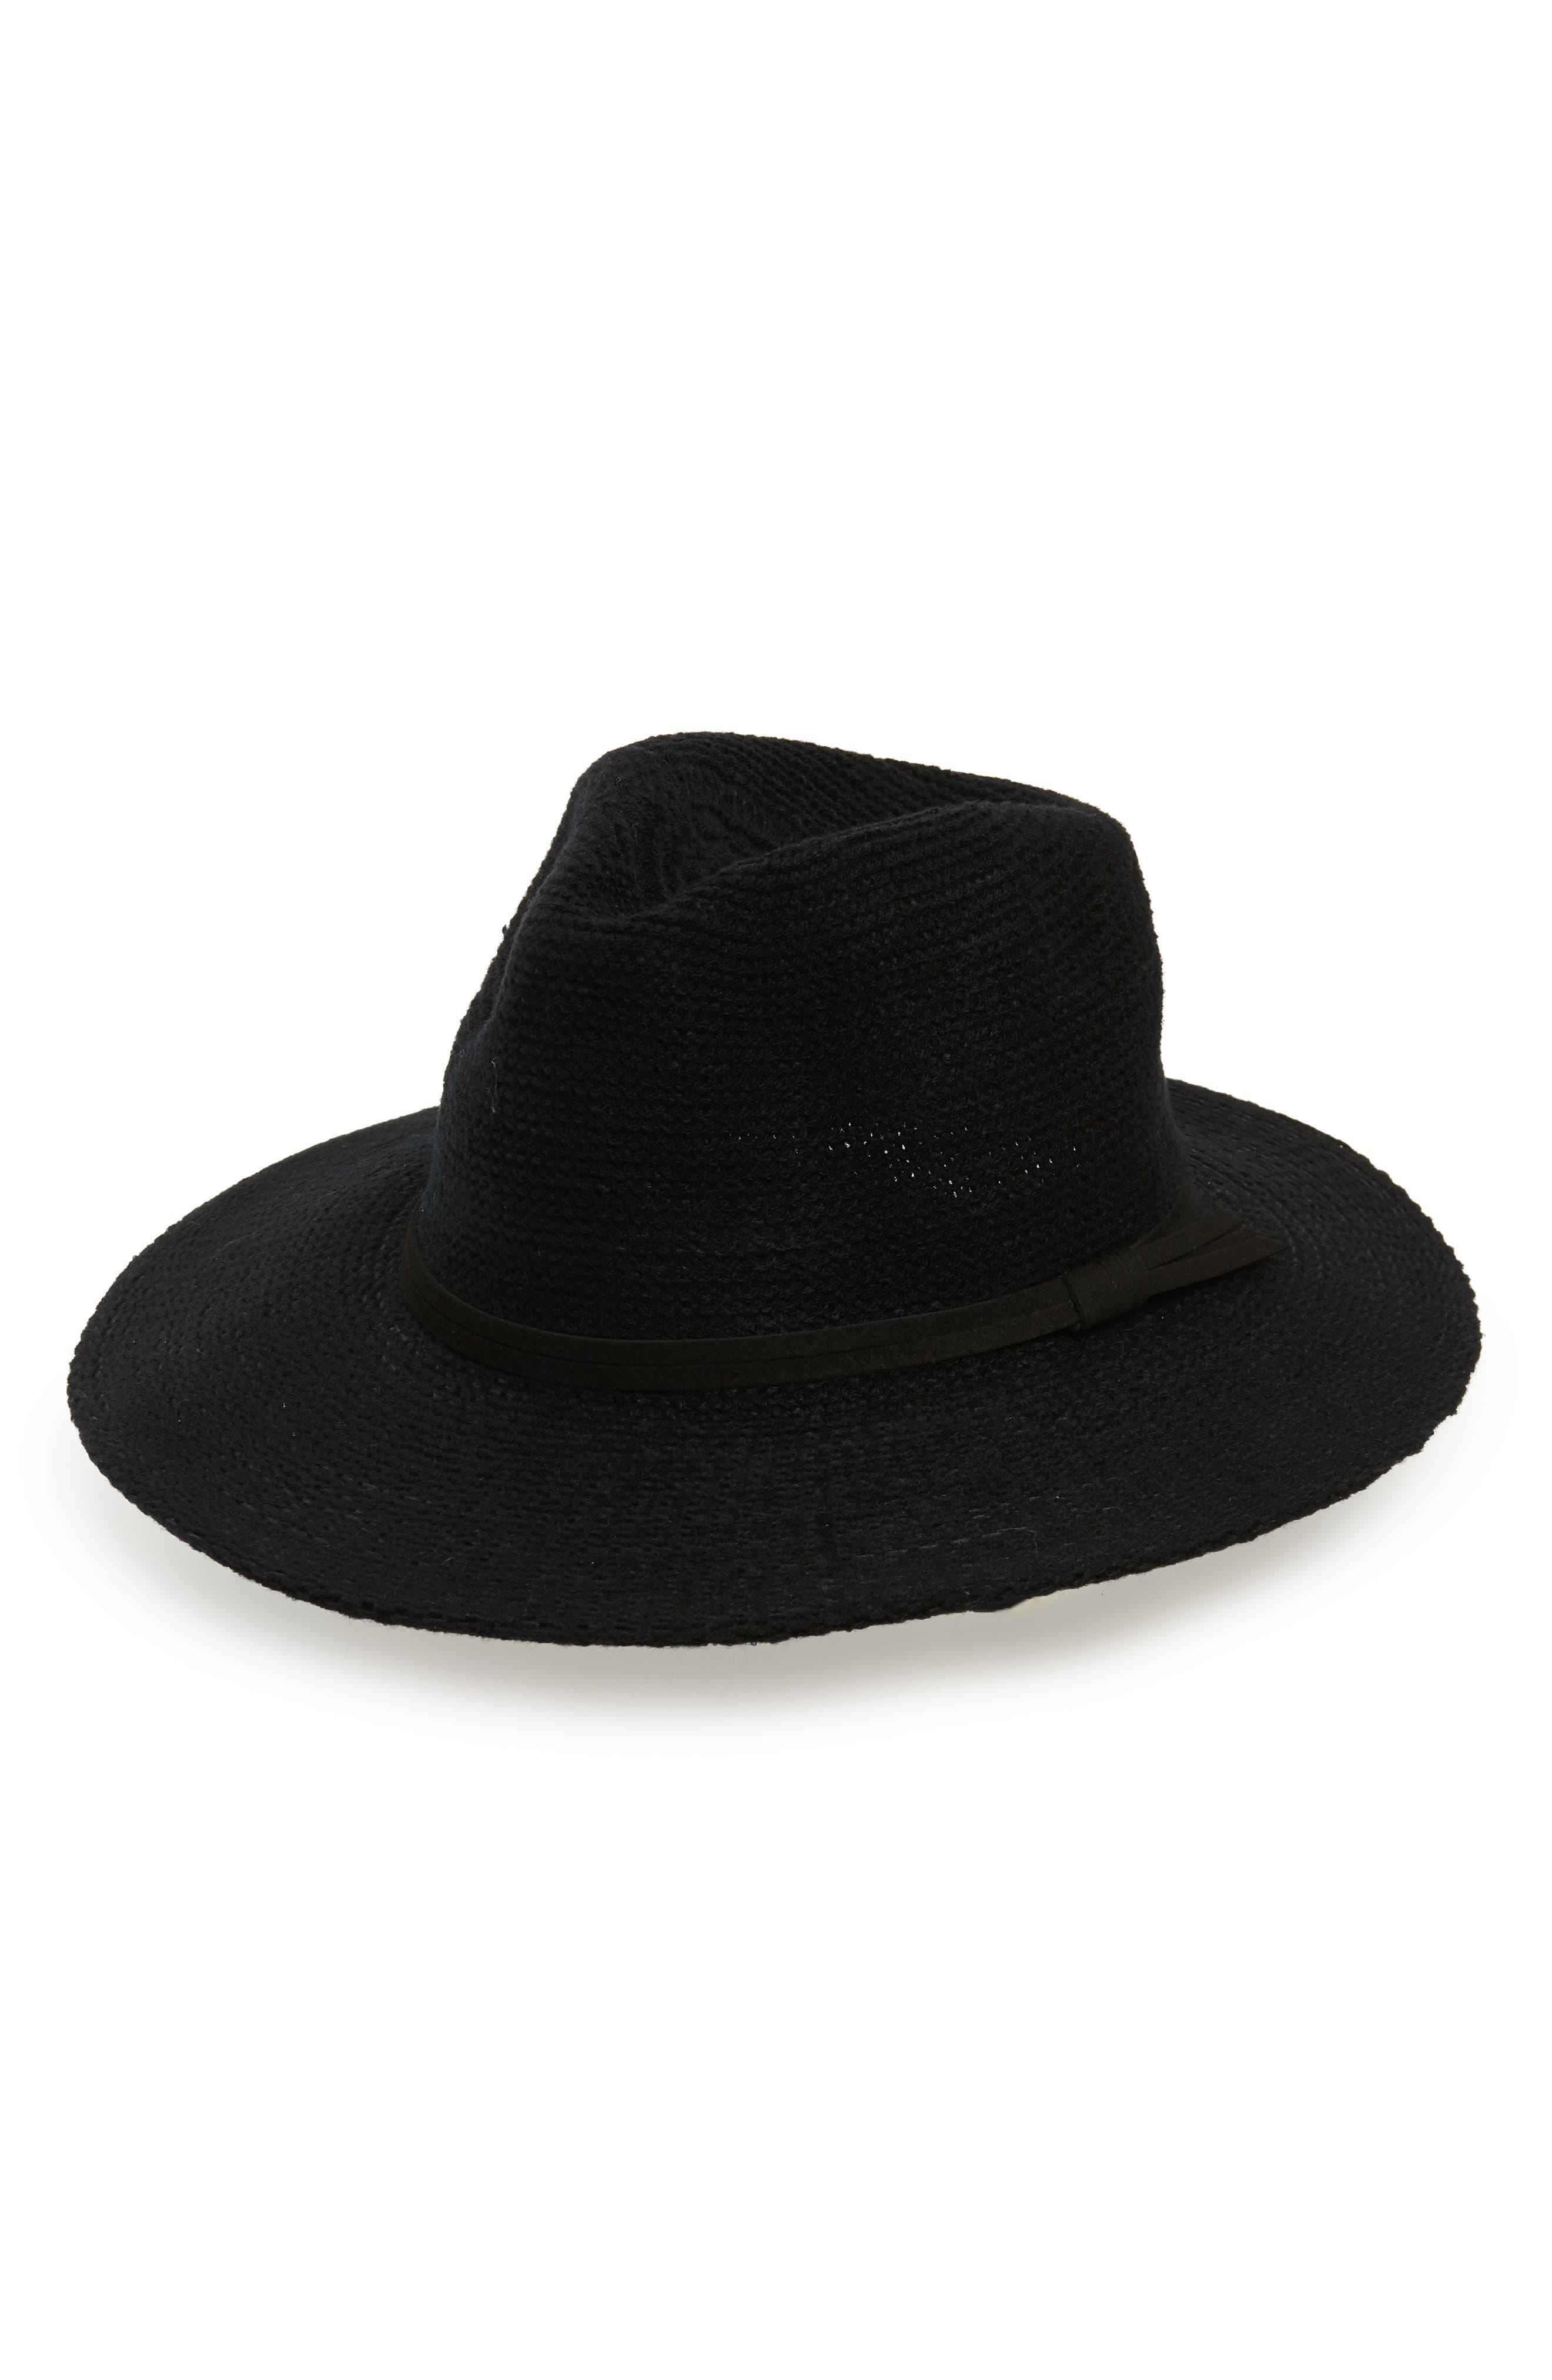 Packable Knit Panama Hat,                             Main thumbnail 1, color,                             BLACK